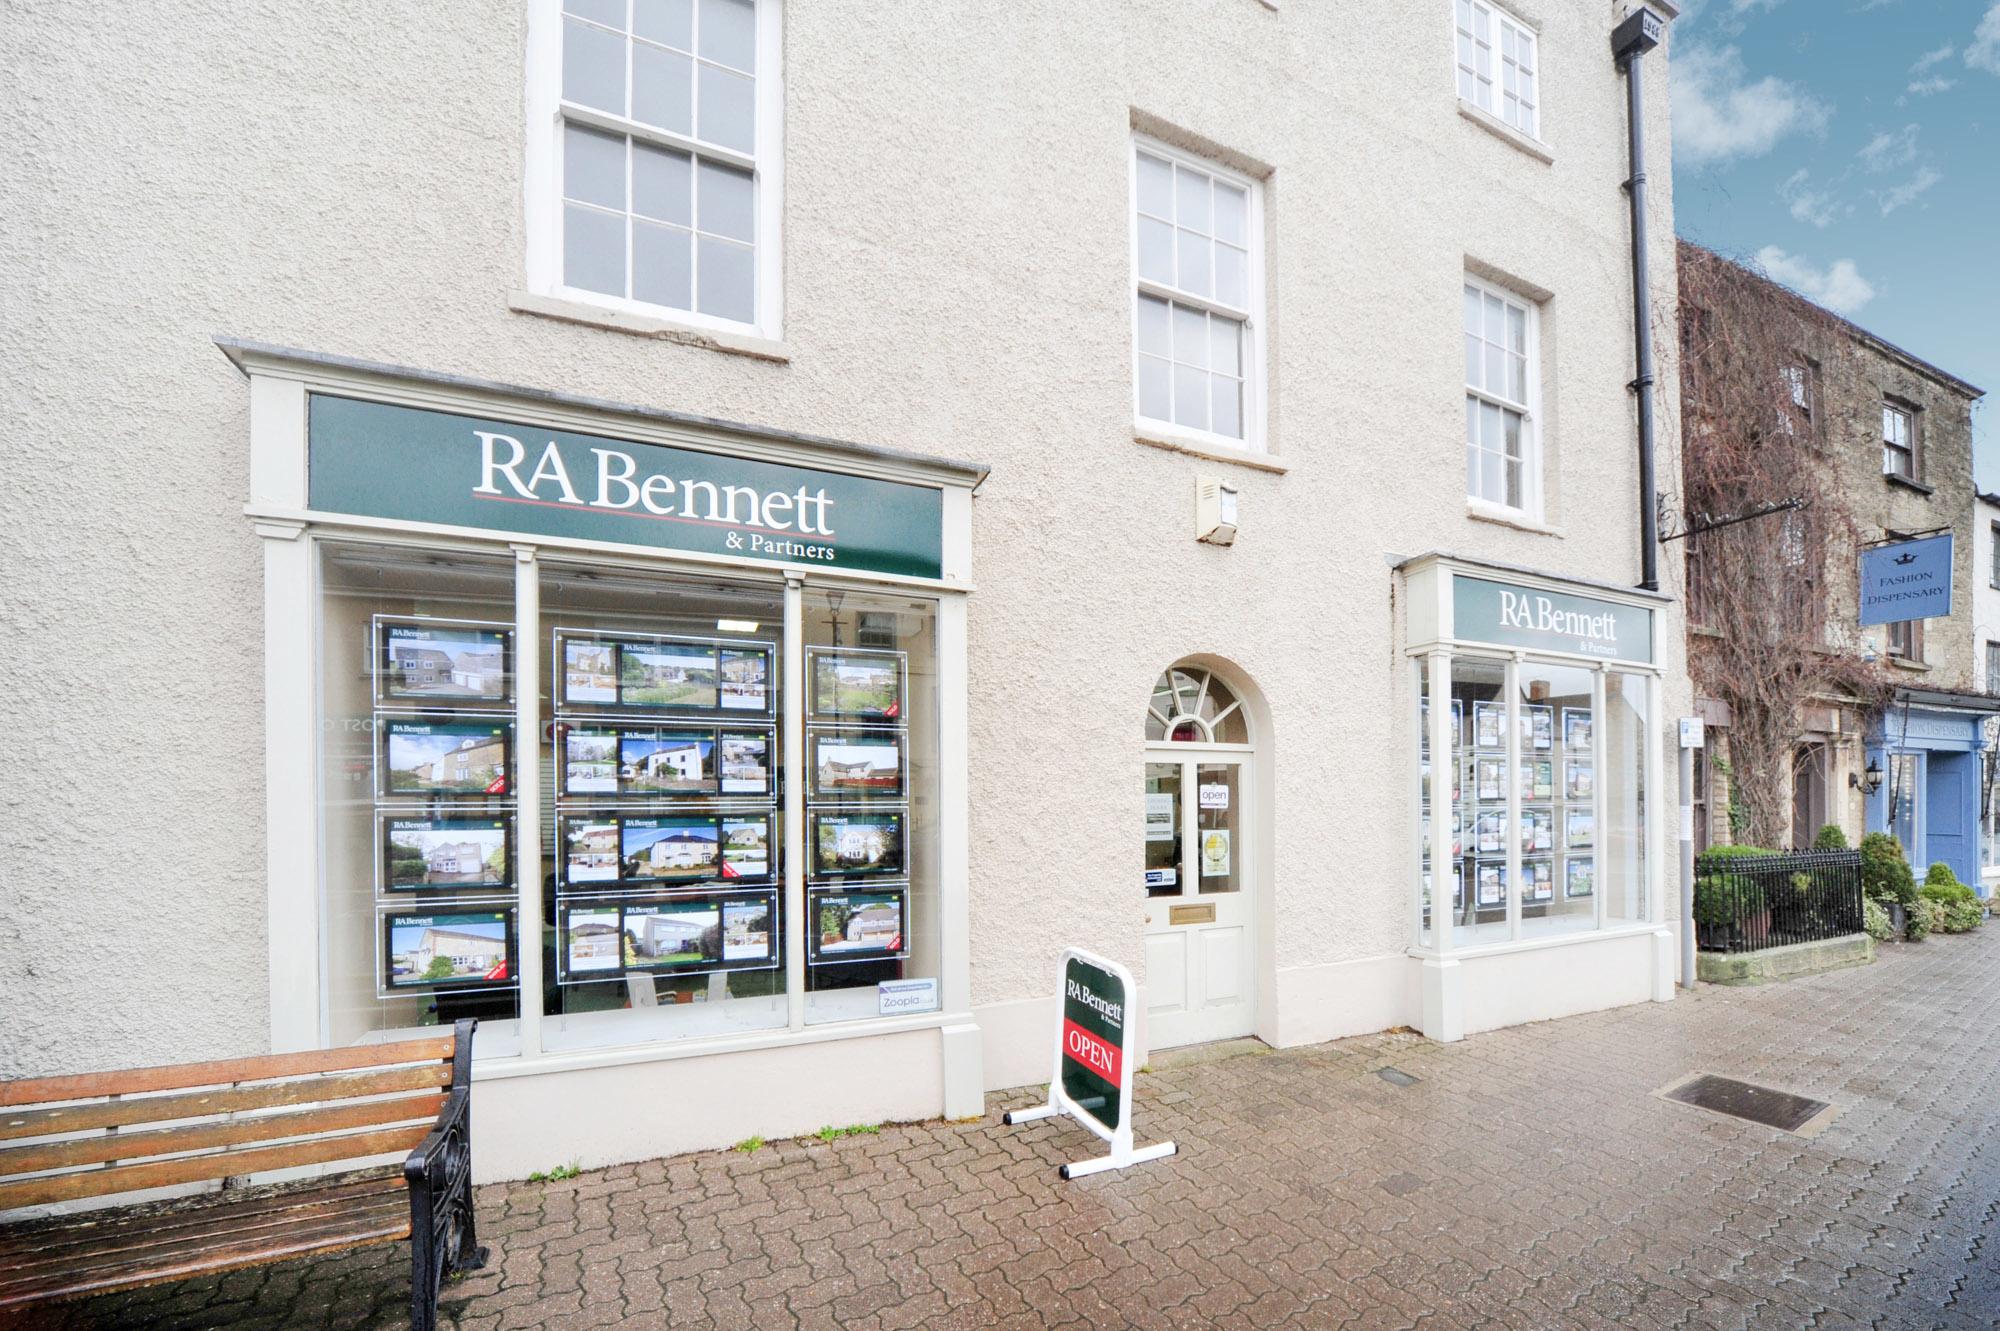 R. A. Bennett & Partners